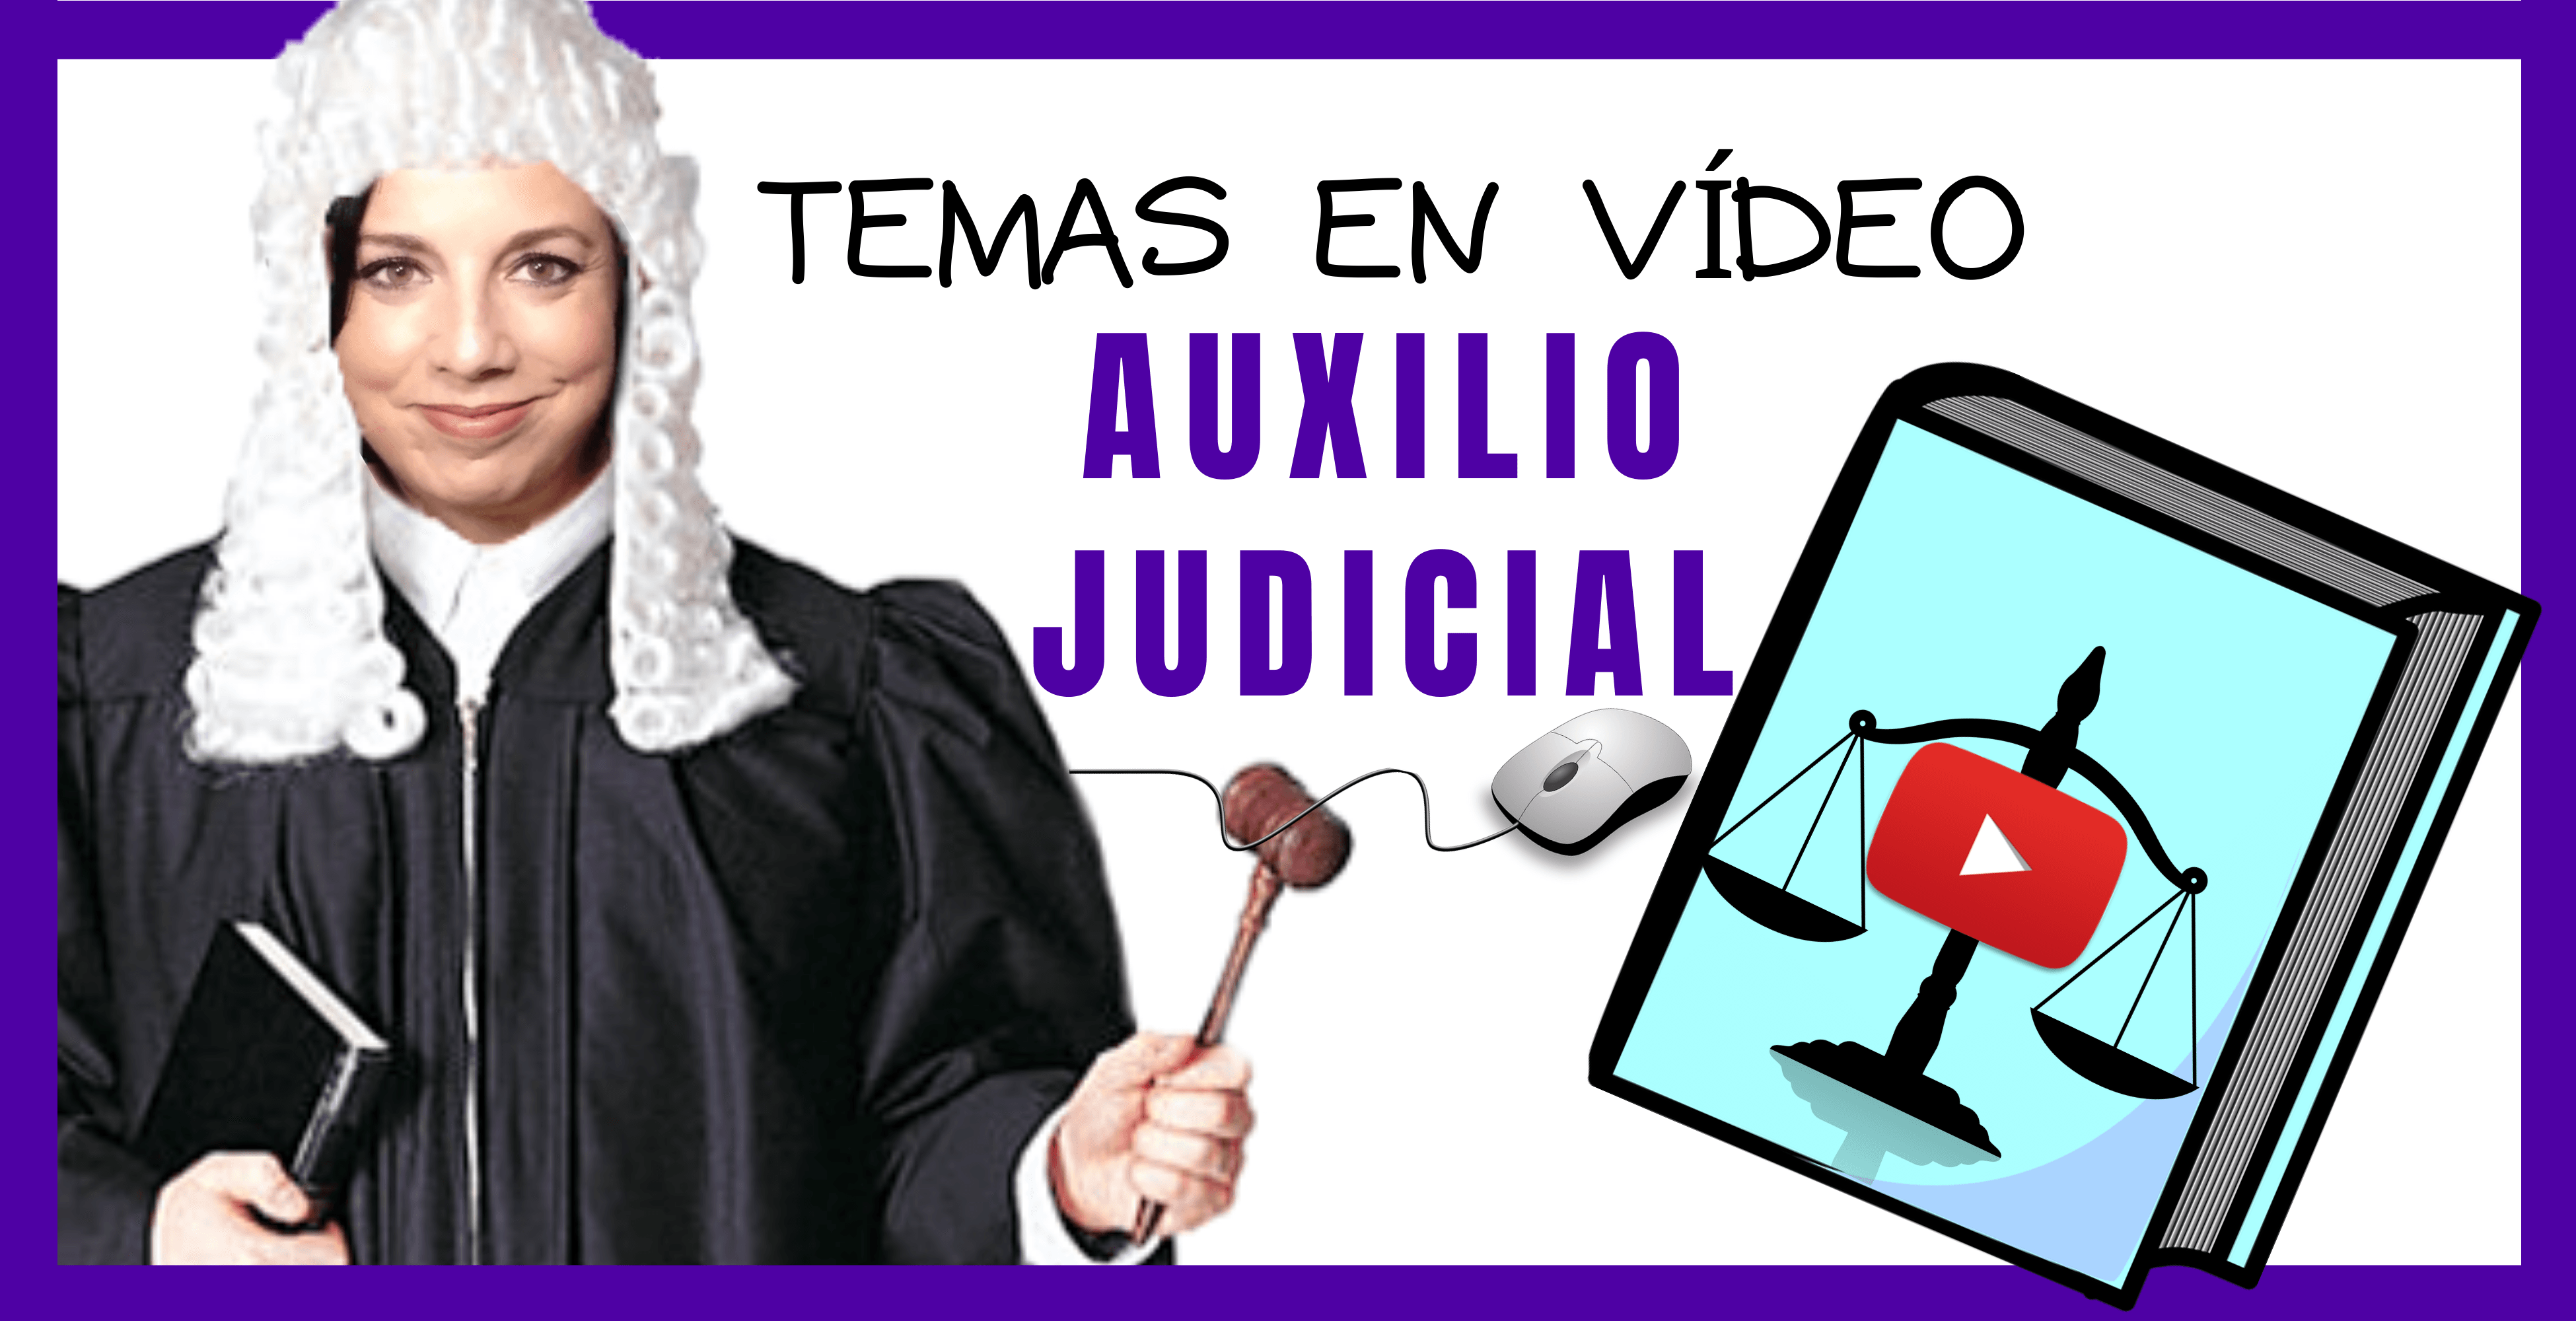 tema auxilio judicial